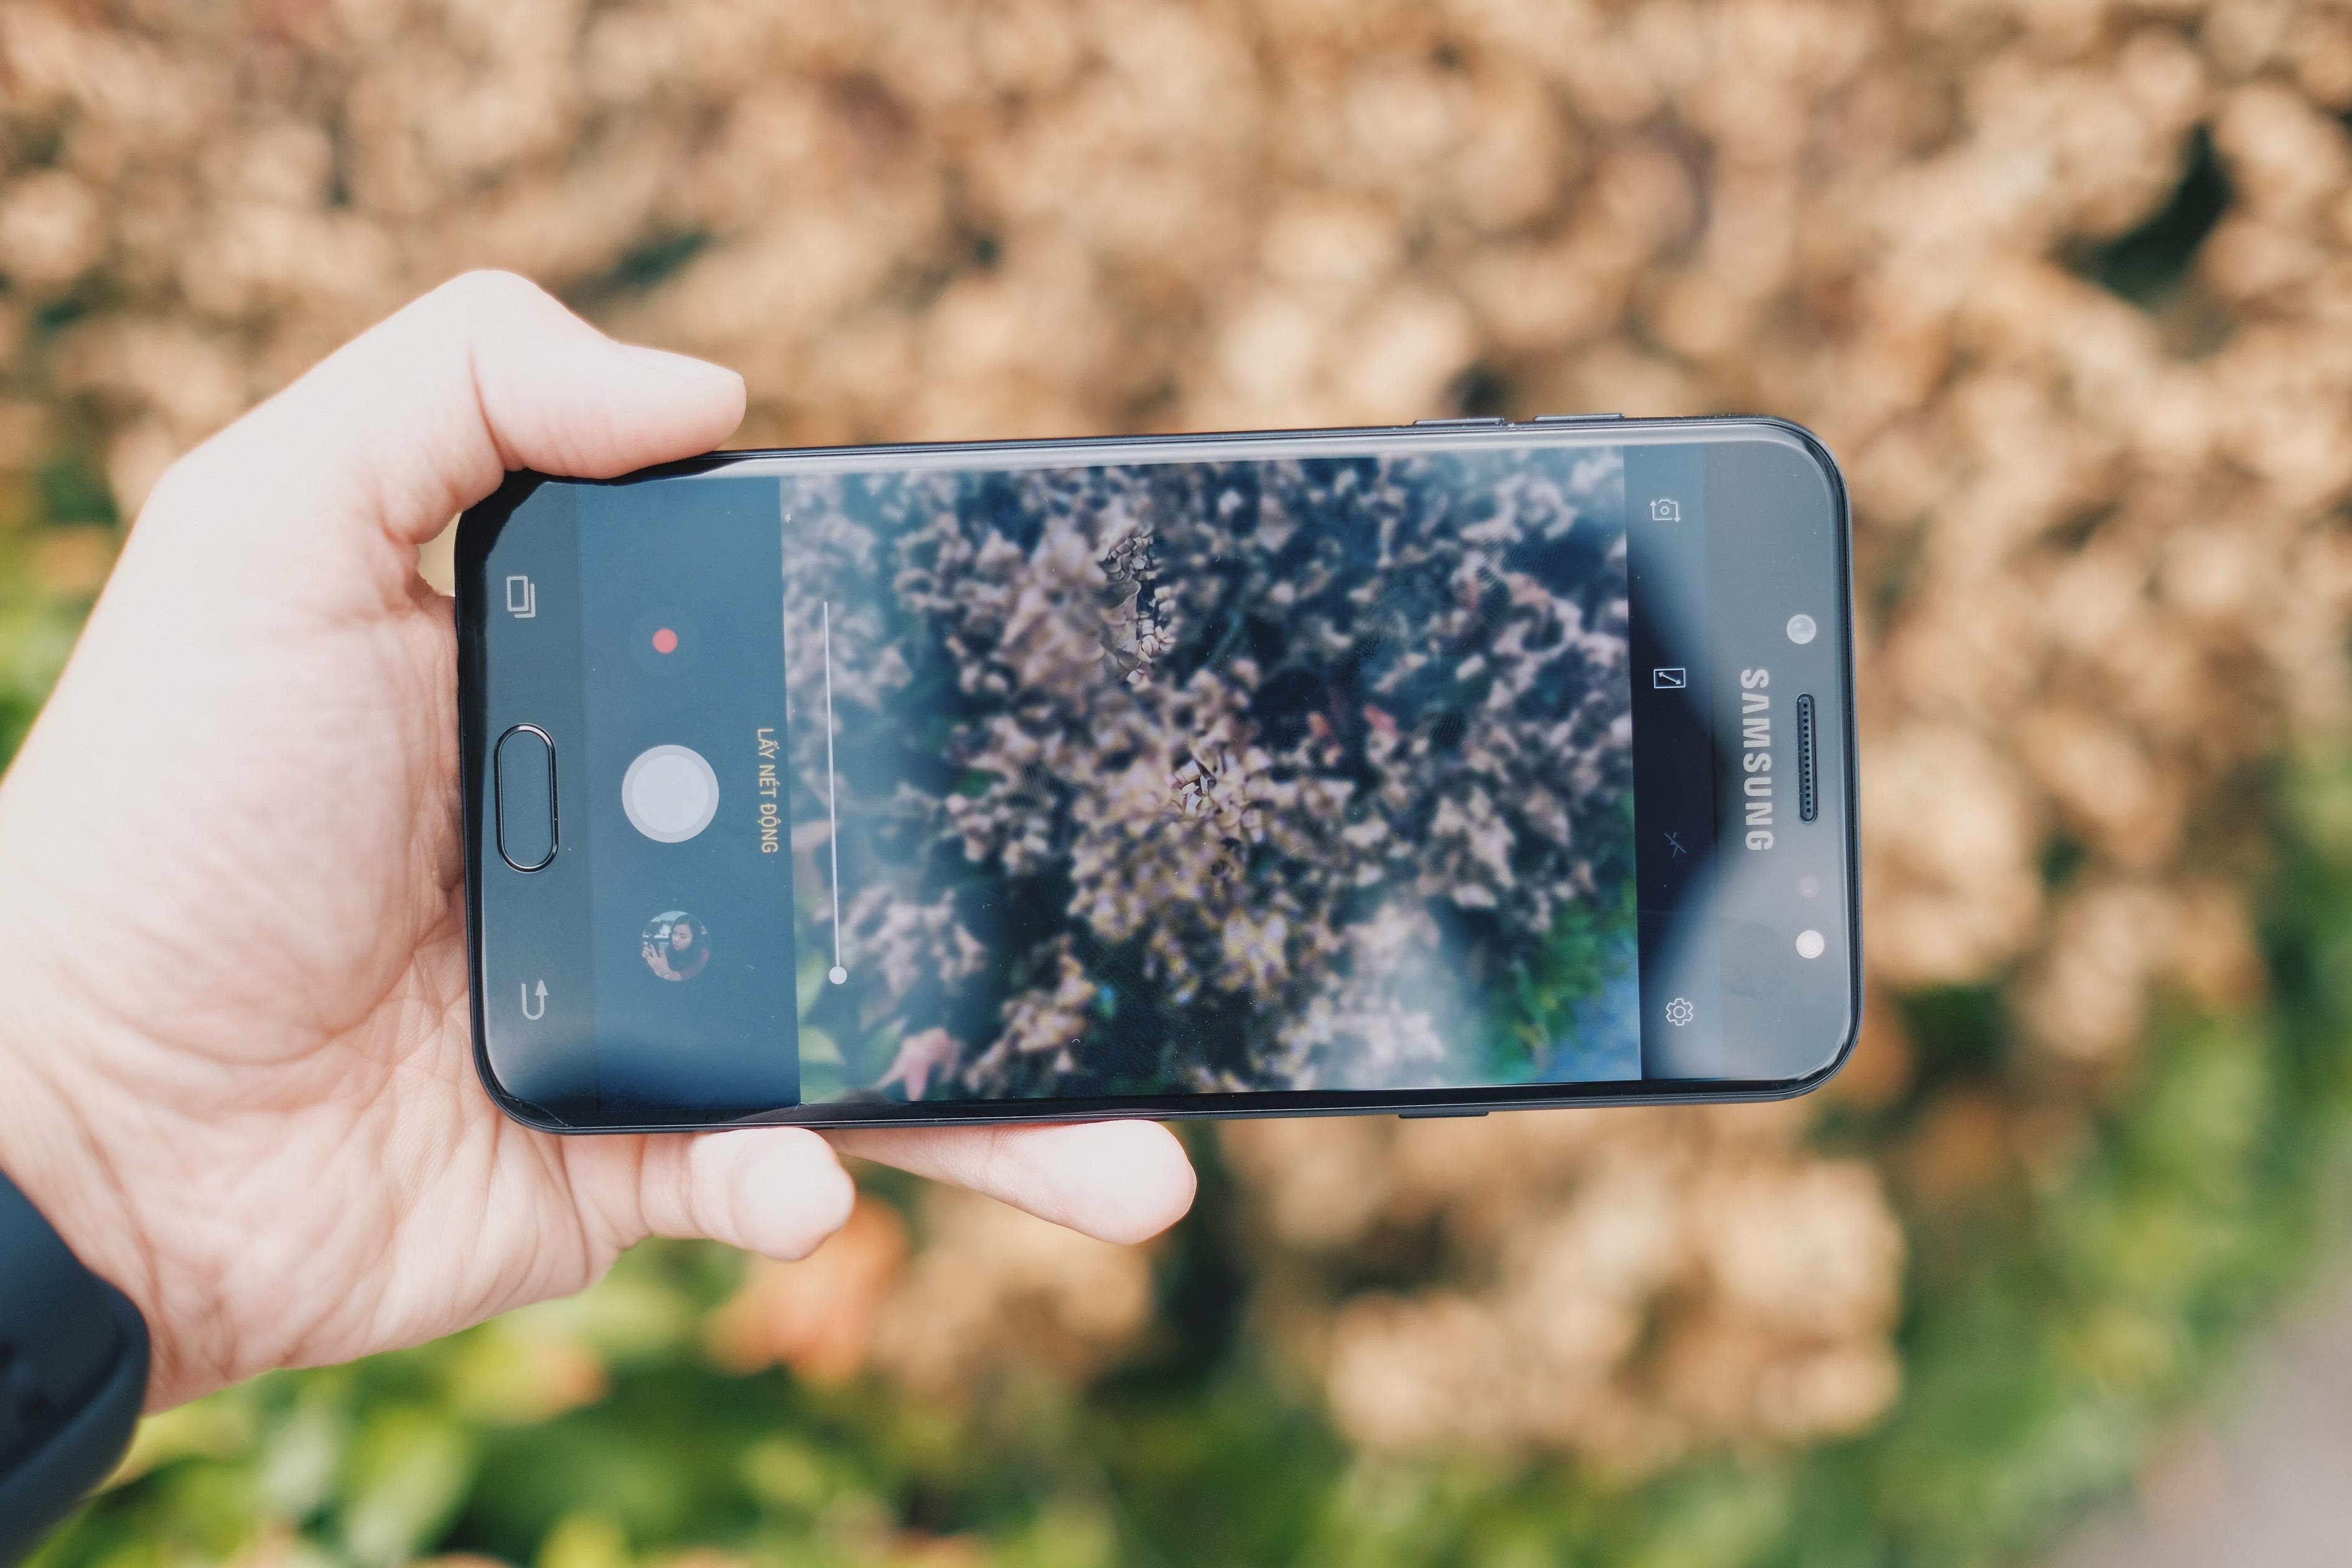 Loat anh xoa phong tu camera kep cua Samsung Galaxy J7+ hinh anh 2